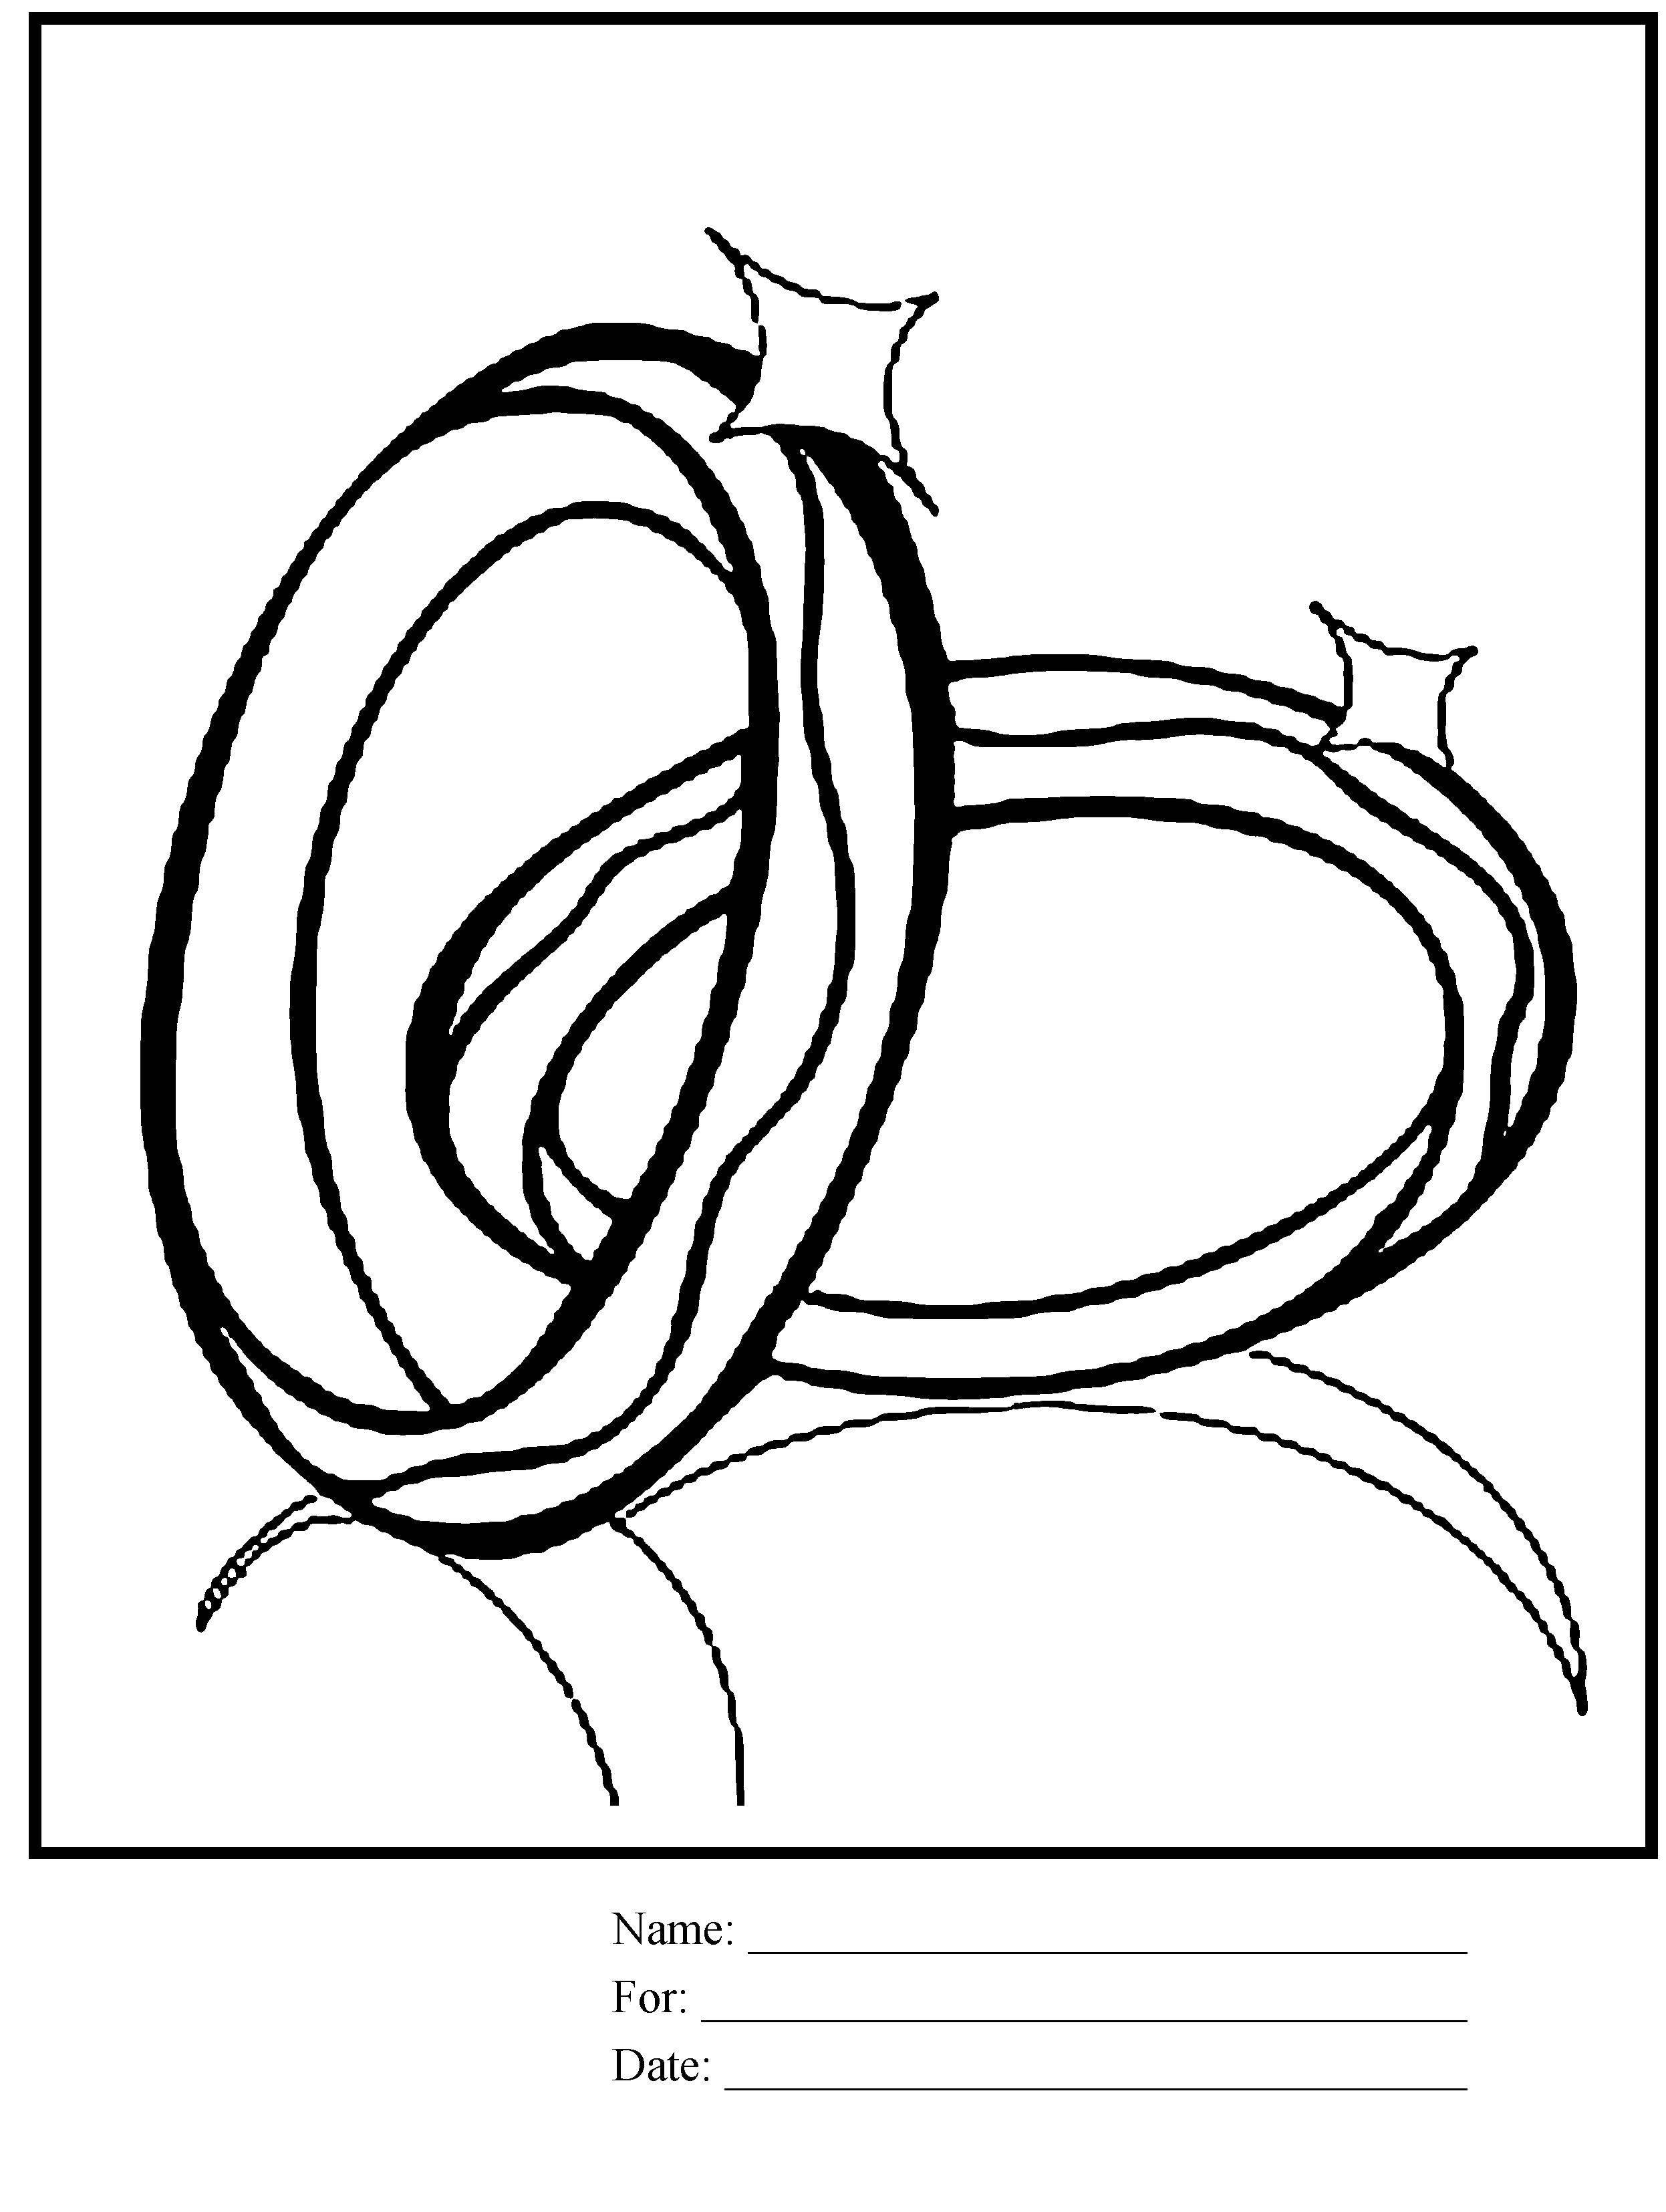 Раскраска Кольца обручальные Скачать обручальные кольца, свадьба.  Распечатать ,Свадьба,